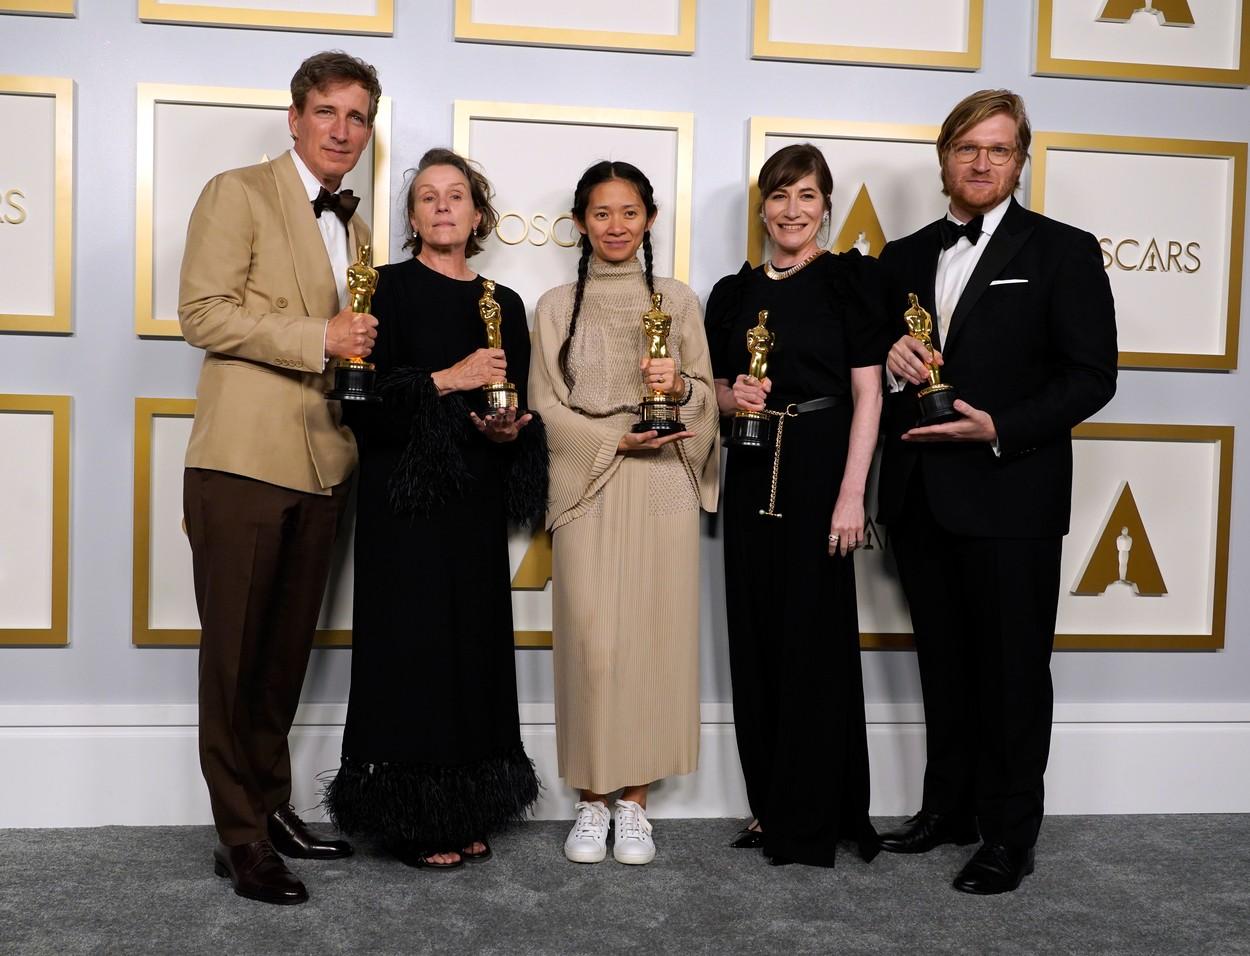 Balról Peter Spears, Frances McDormand, Chloe Zhao, Mollye Asher és Dan Janvey, A nomádok földje producerei. Credit line: Profimedia